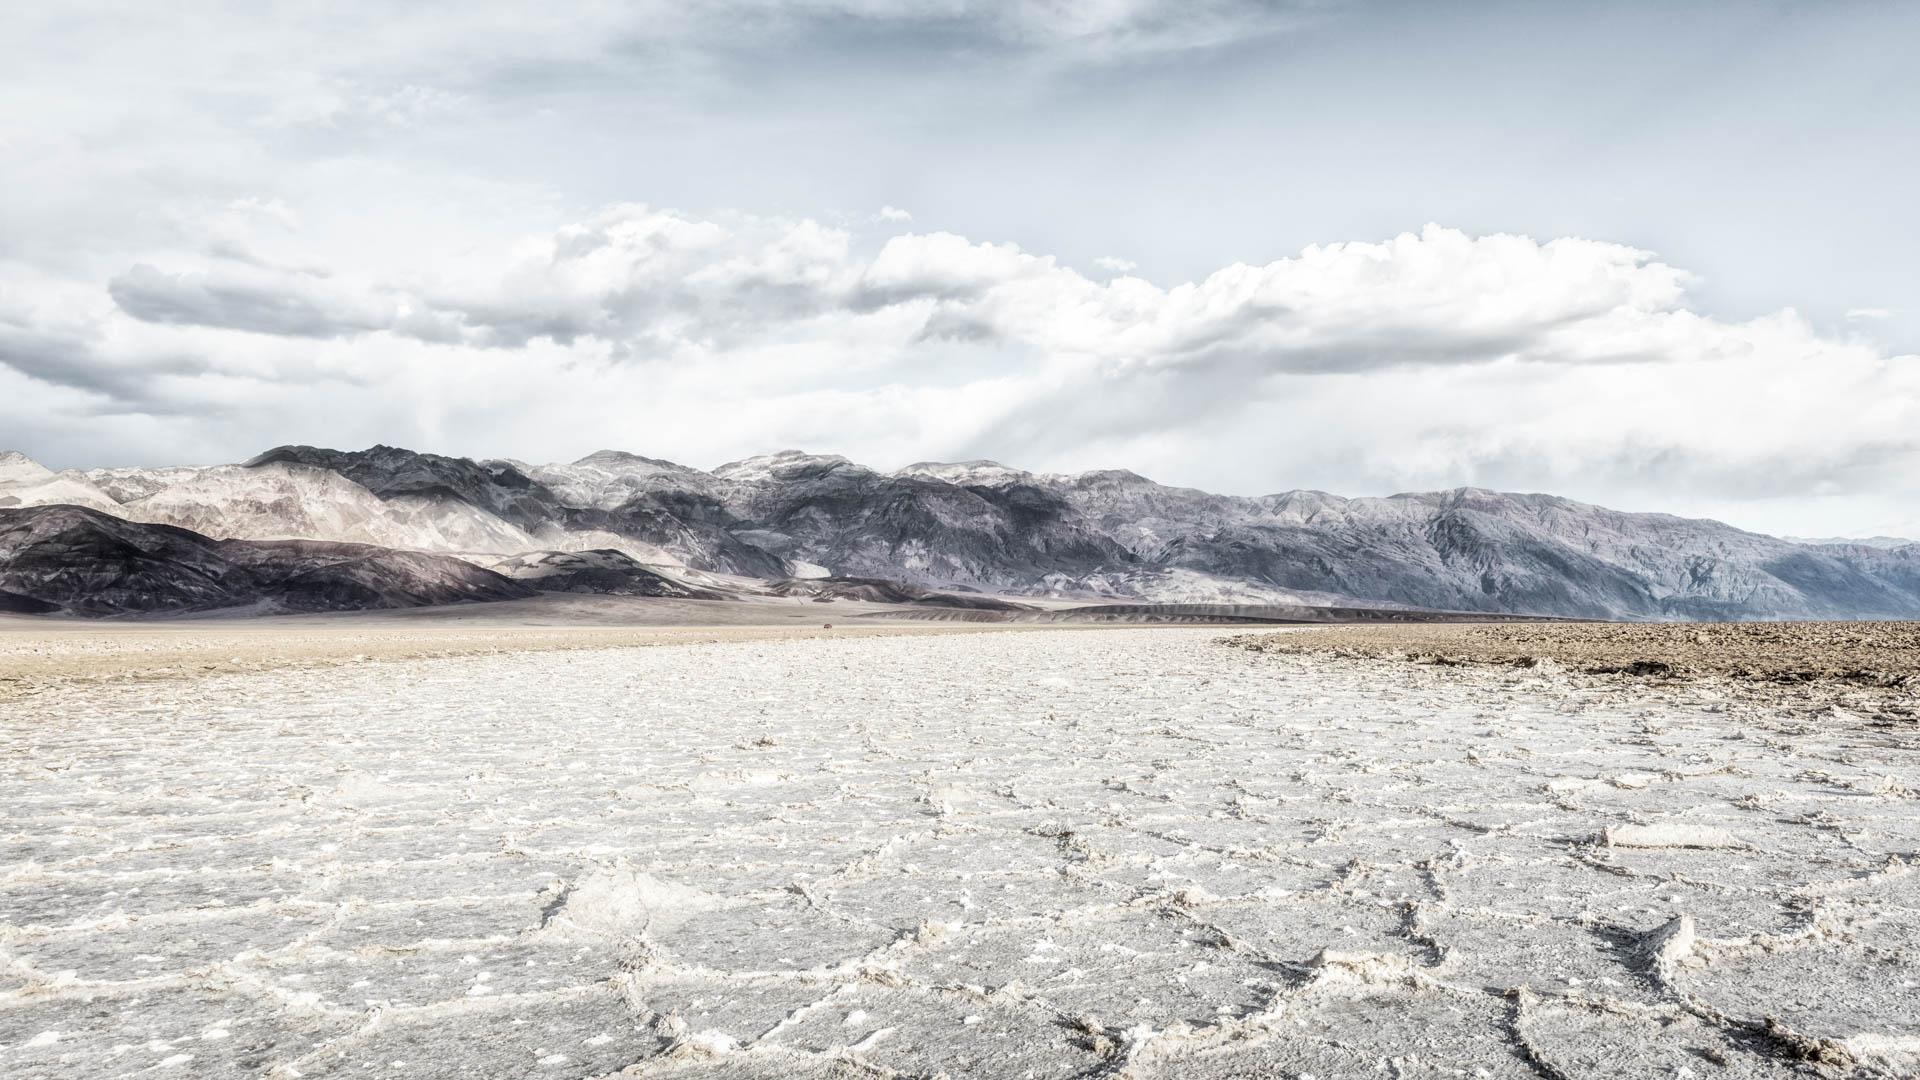 LDKphoto - Death Valley - 04.jpg